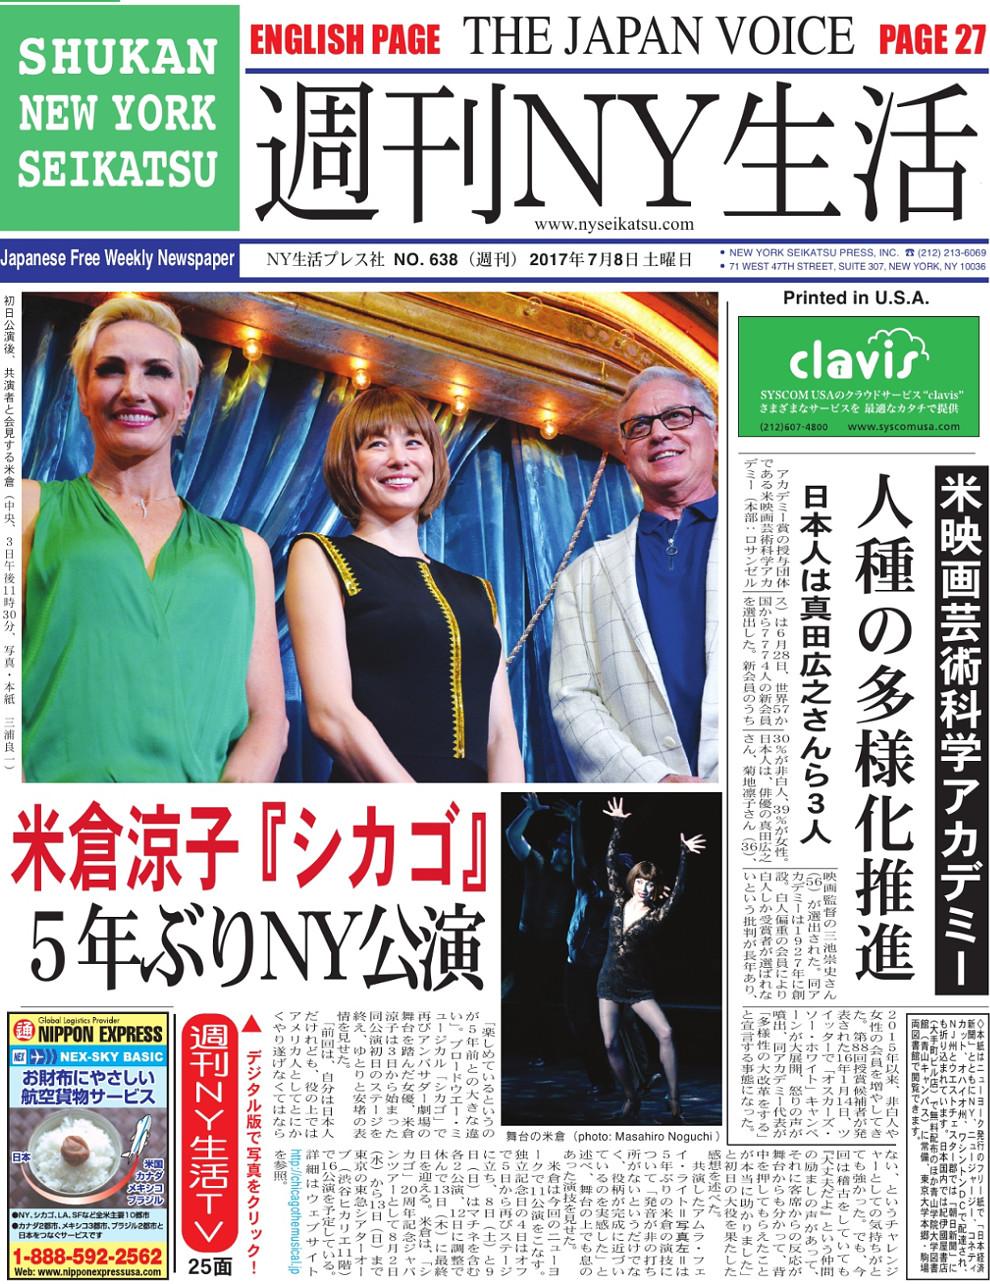 米倉涼子さん、ブロードウェイ・ミュージカル「シカゴ」に5年ぶりカムバック!!!_b0007805_21183565.jpg